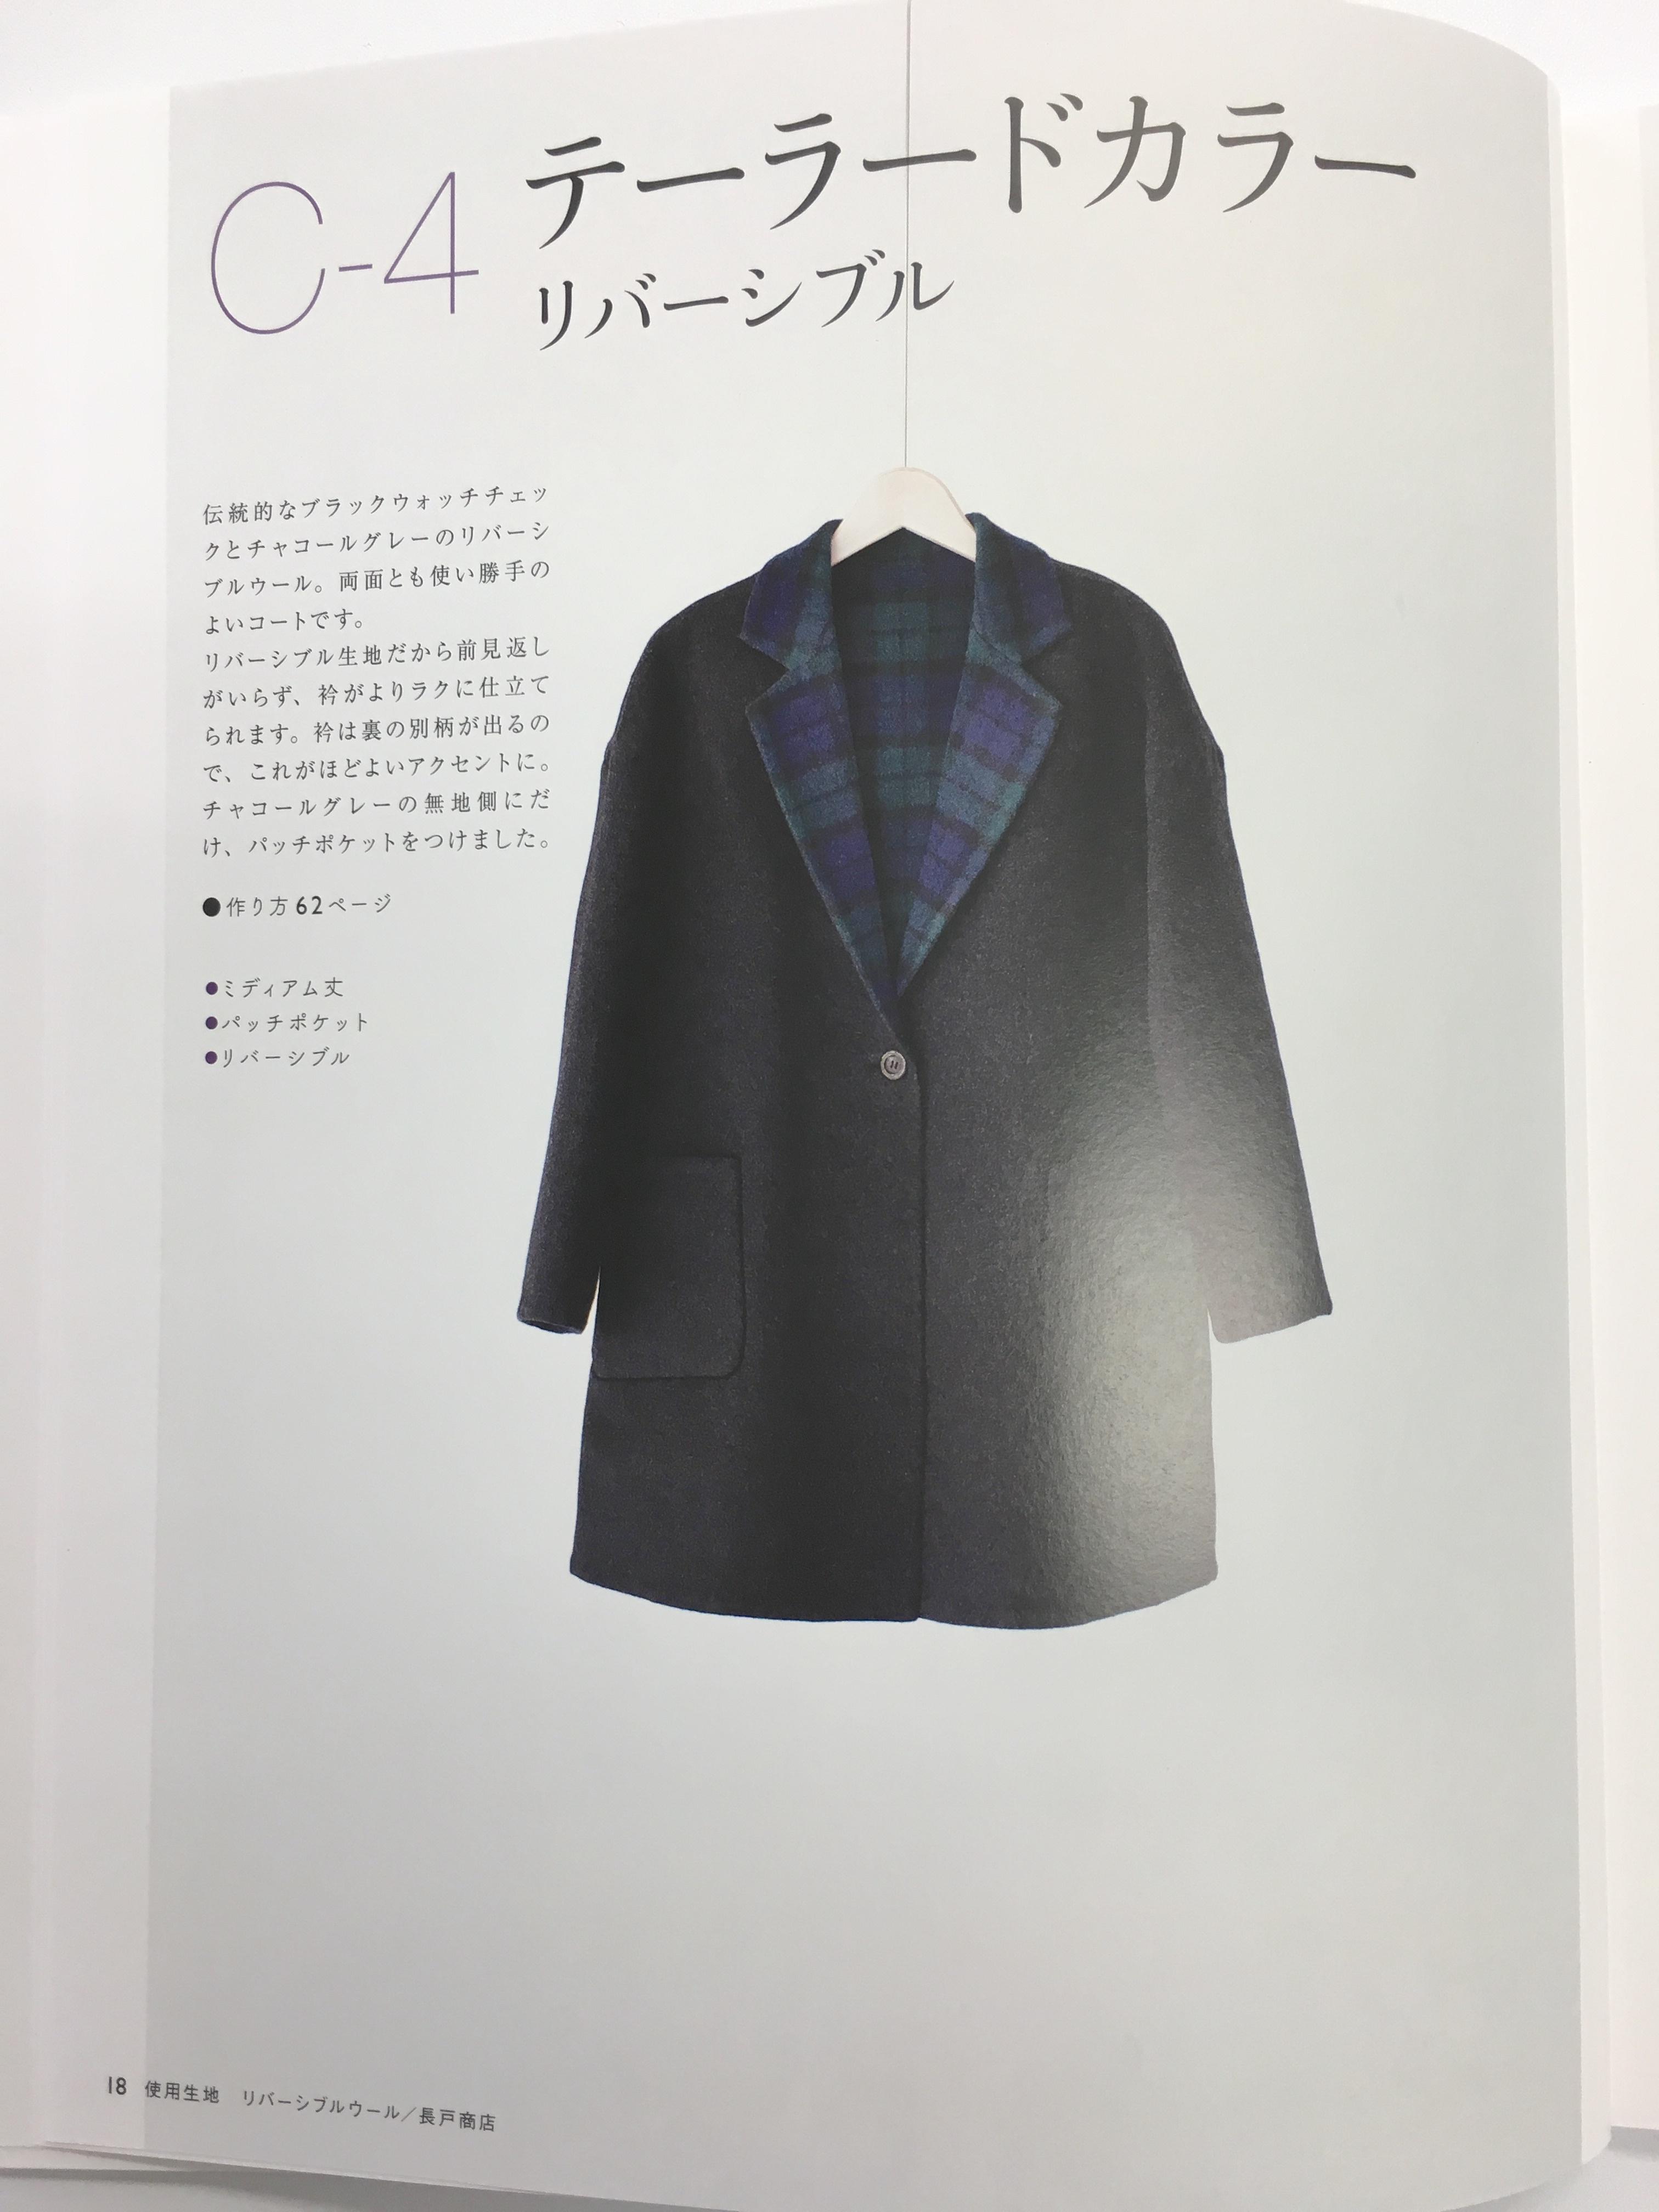 コートを縫おう。 C-4の型紙